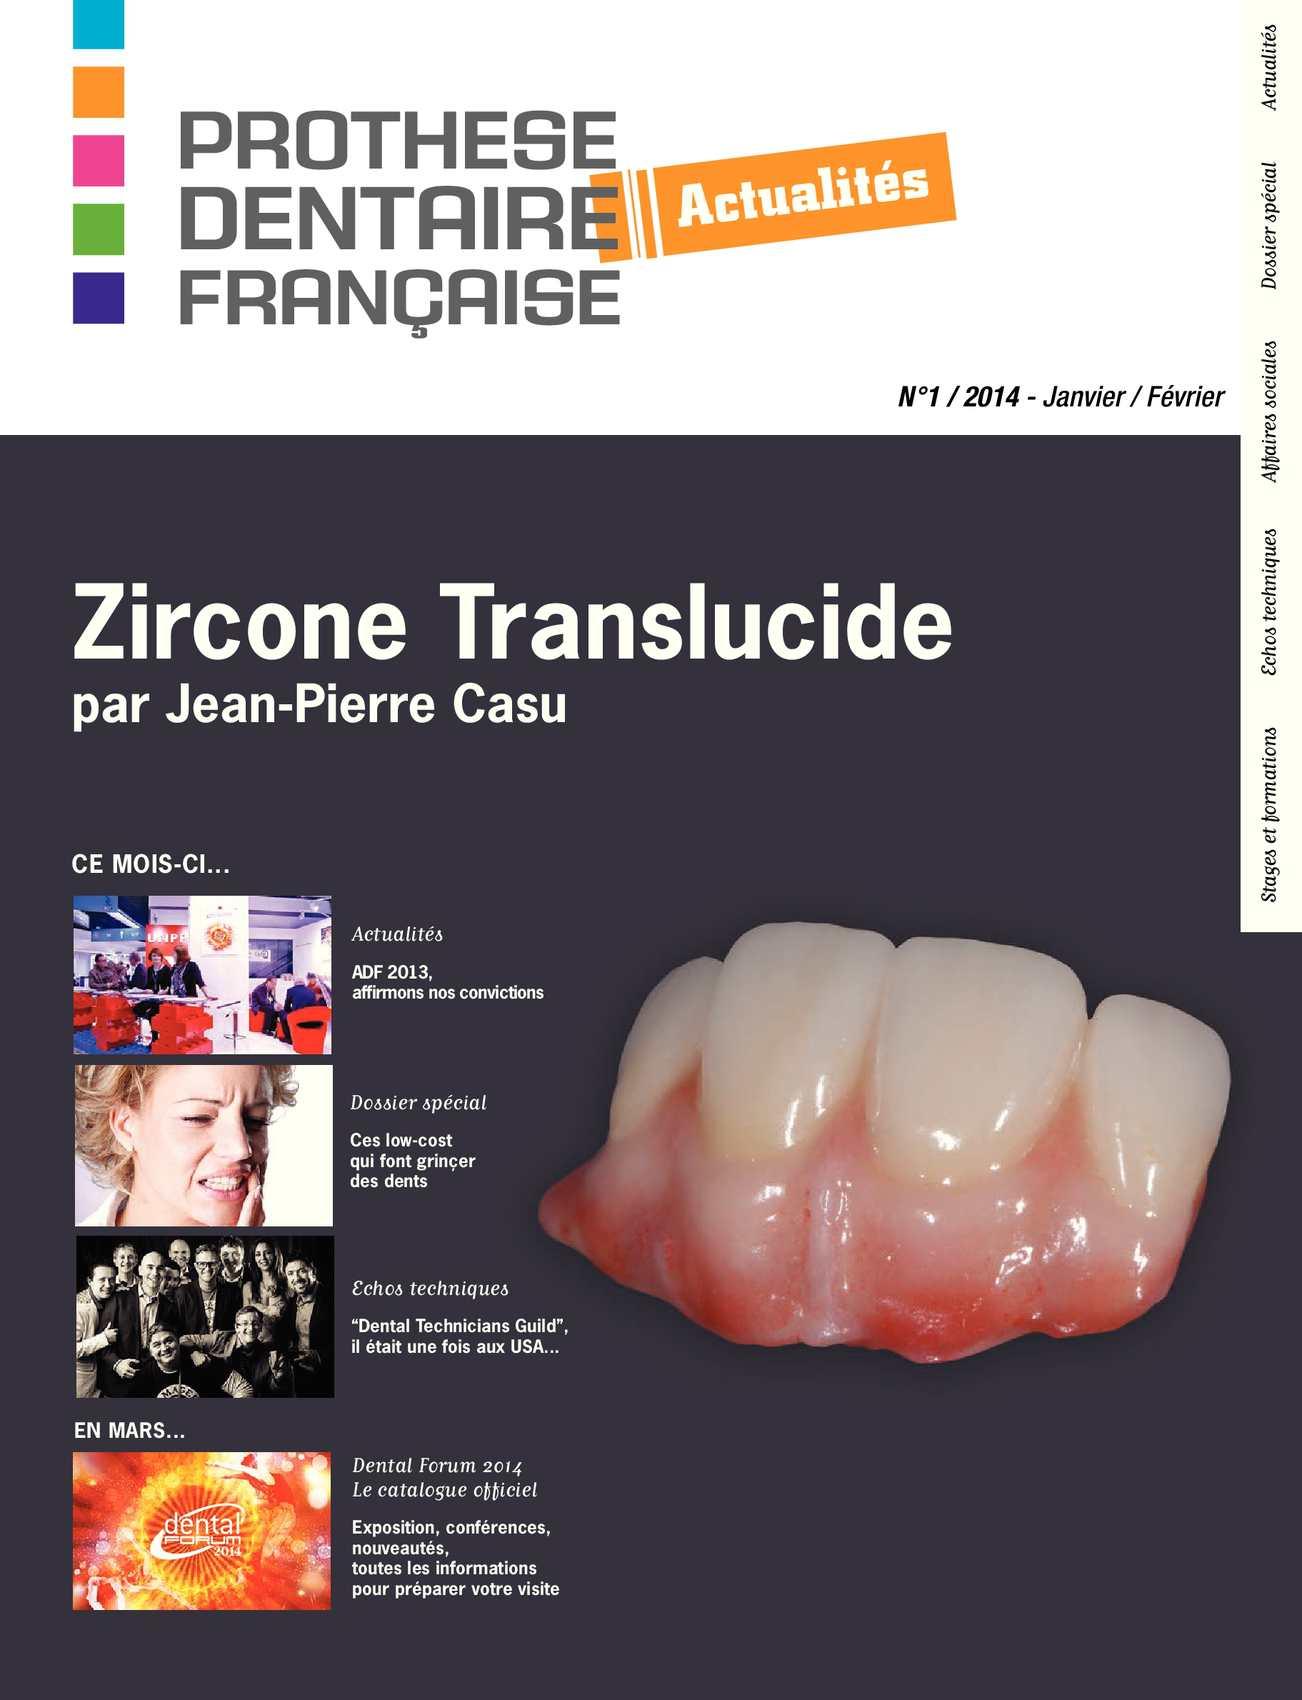 17fdbbd629c5cb Calaméo - Prothèse Dentaire Française Actualités N°1 2014